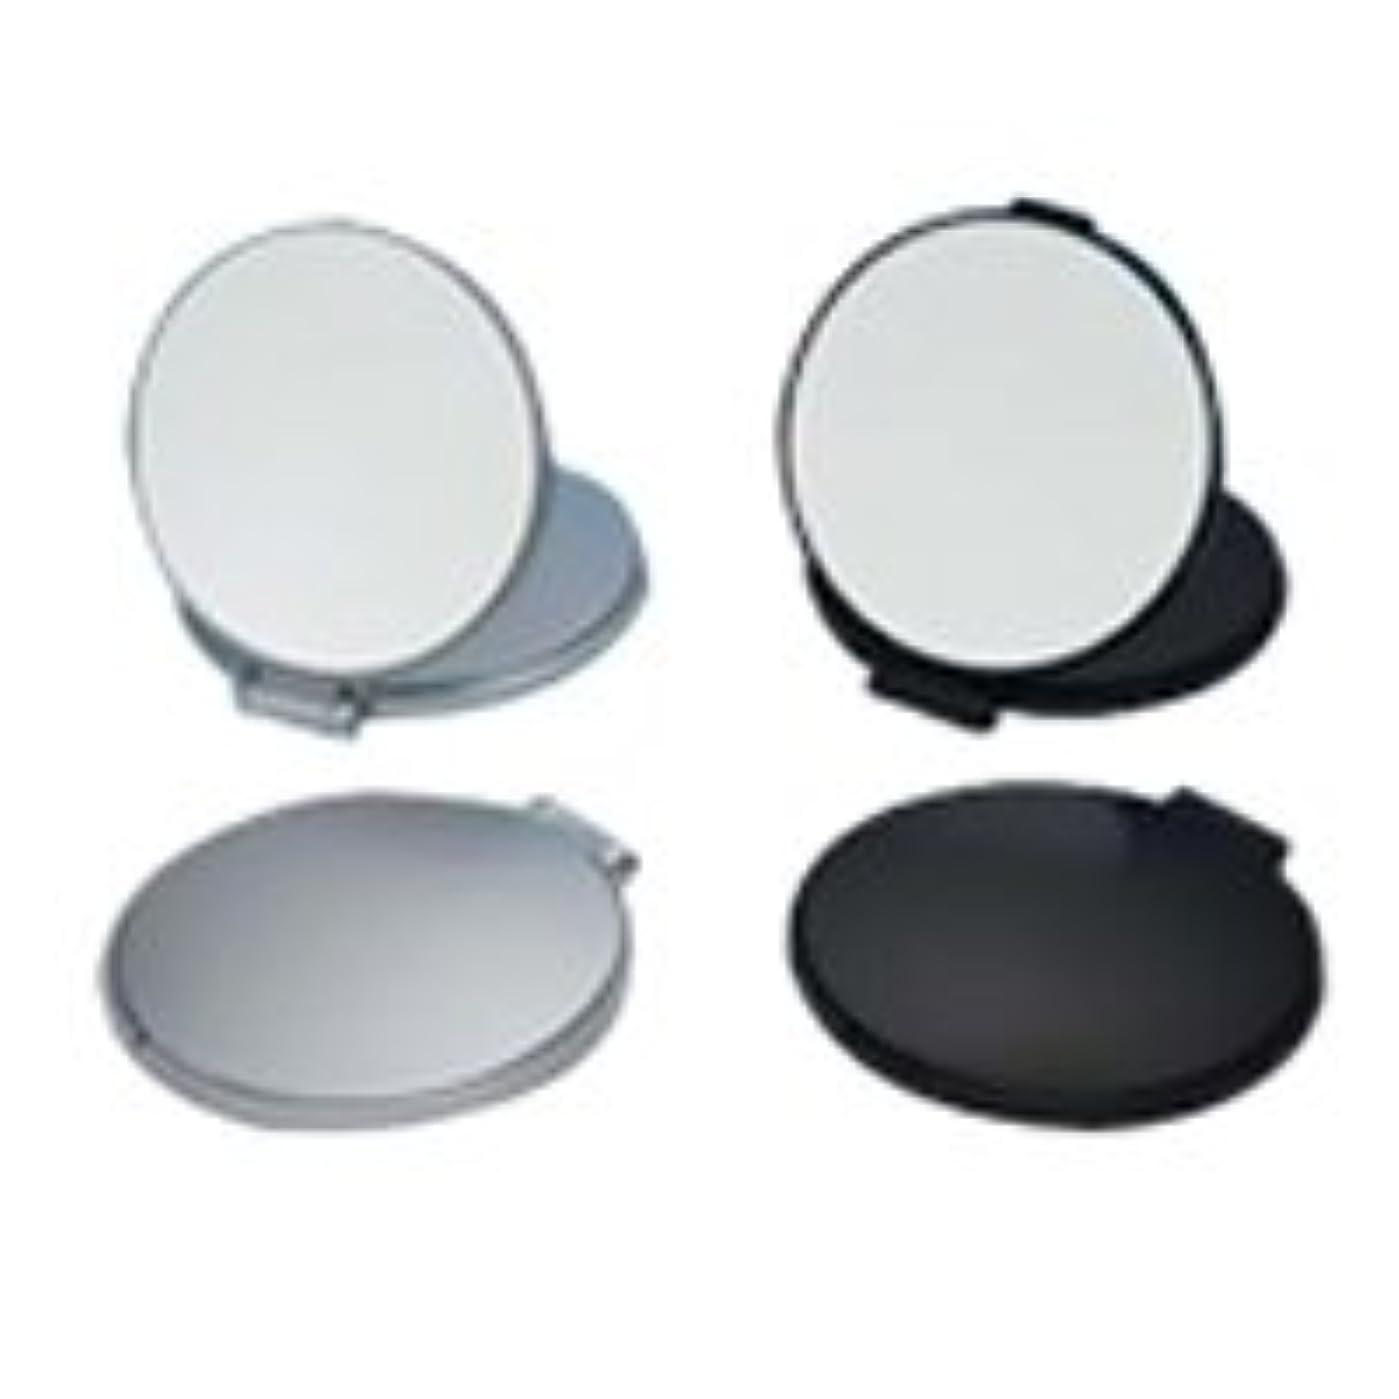 エンドテーブル滝一口コンパクトミラー 拡大鏡 メイク 拡大ミラー ナピュアミラー 鏡 リアルズームアップ プラス 両面 3倍 RC-03 堀内鏡工業※このページは「シルバー」のみの販売です◆シルバー